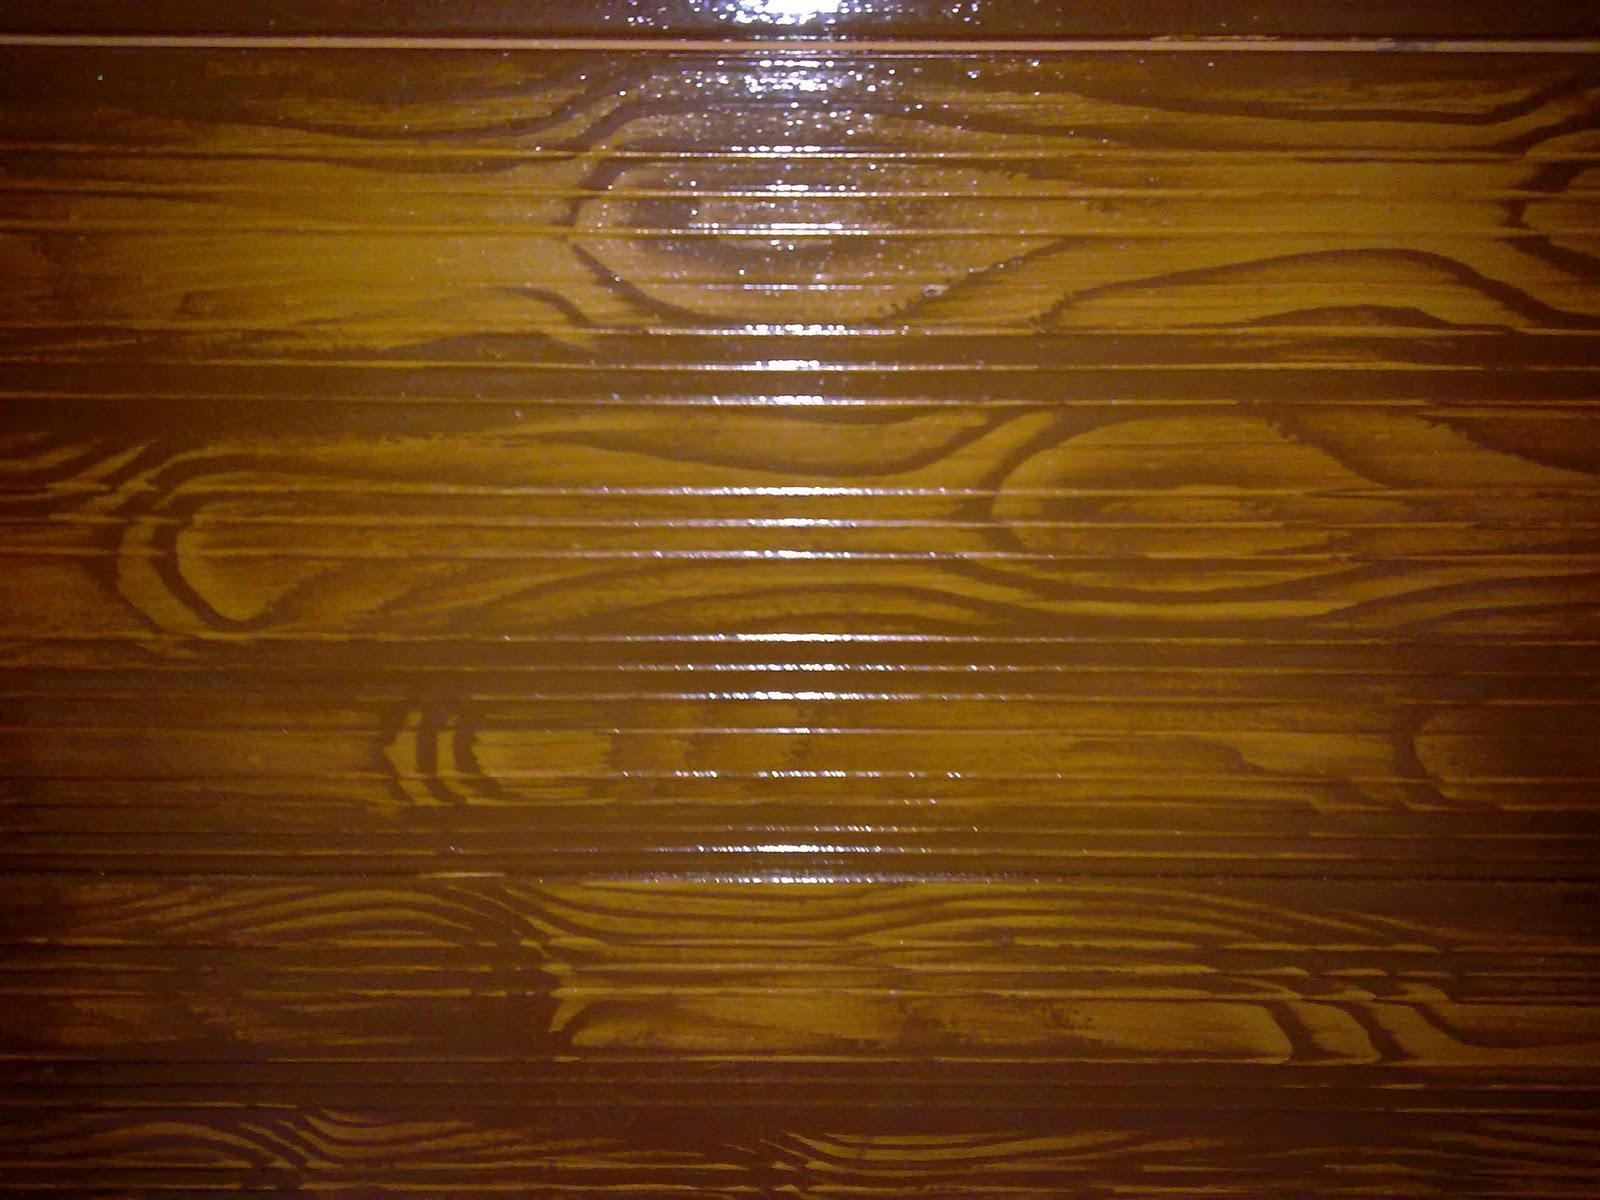 Pinturas lleni techo de bardos y vigas de hormig n en - Vigas de imitacion madera para techos ...